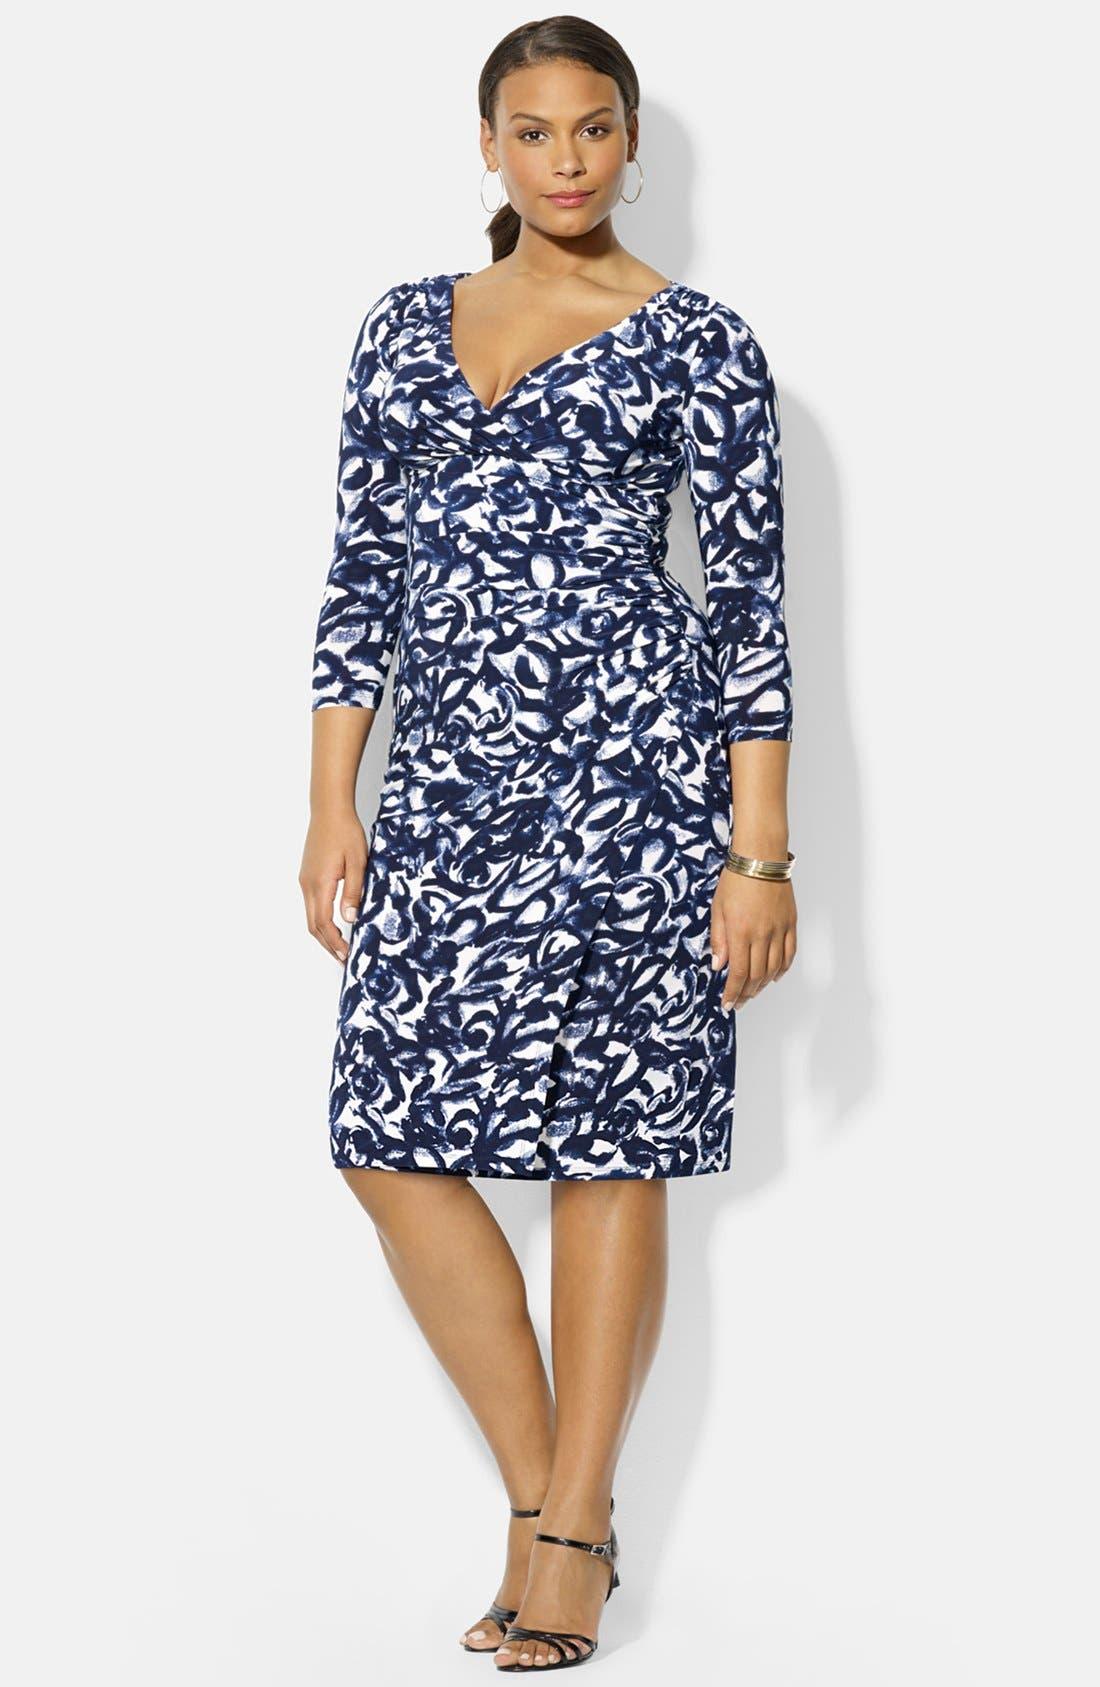 Alternate Image 1 Selected - Lauren Ralph Lauren Print Jersey Surplice Dress (Plus Size)